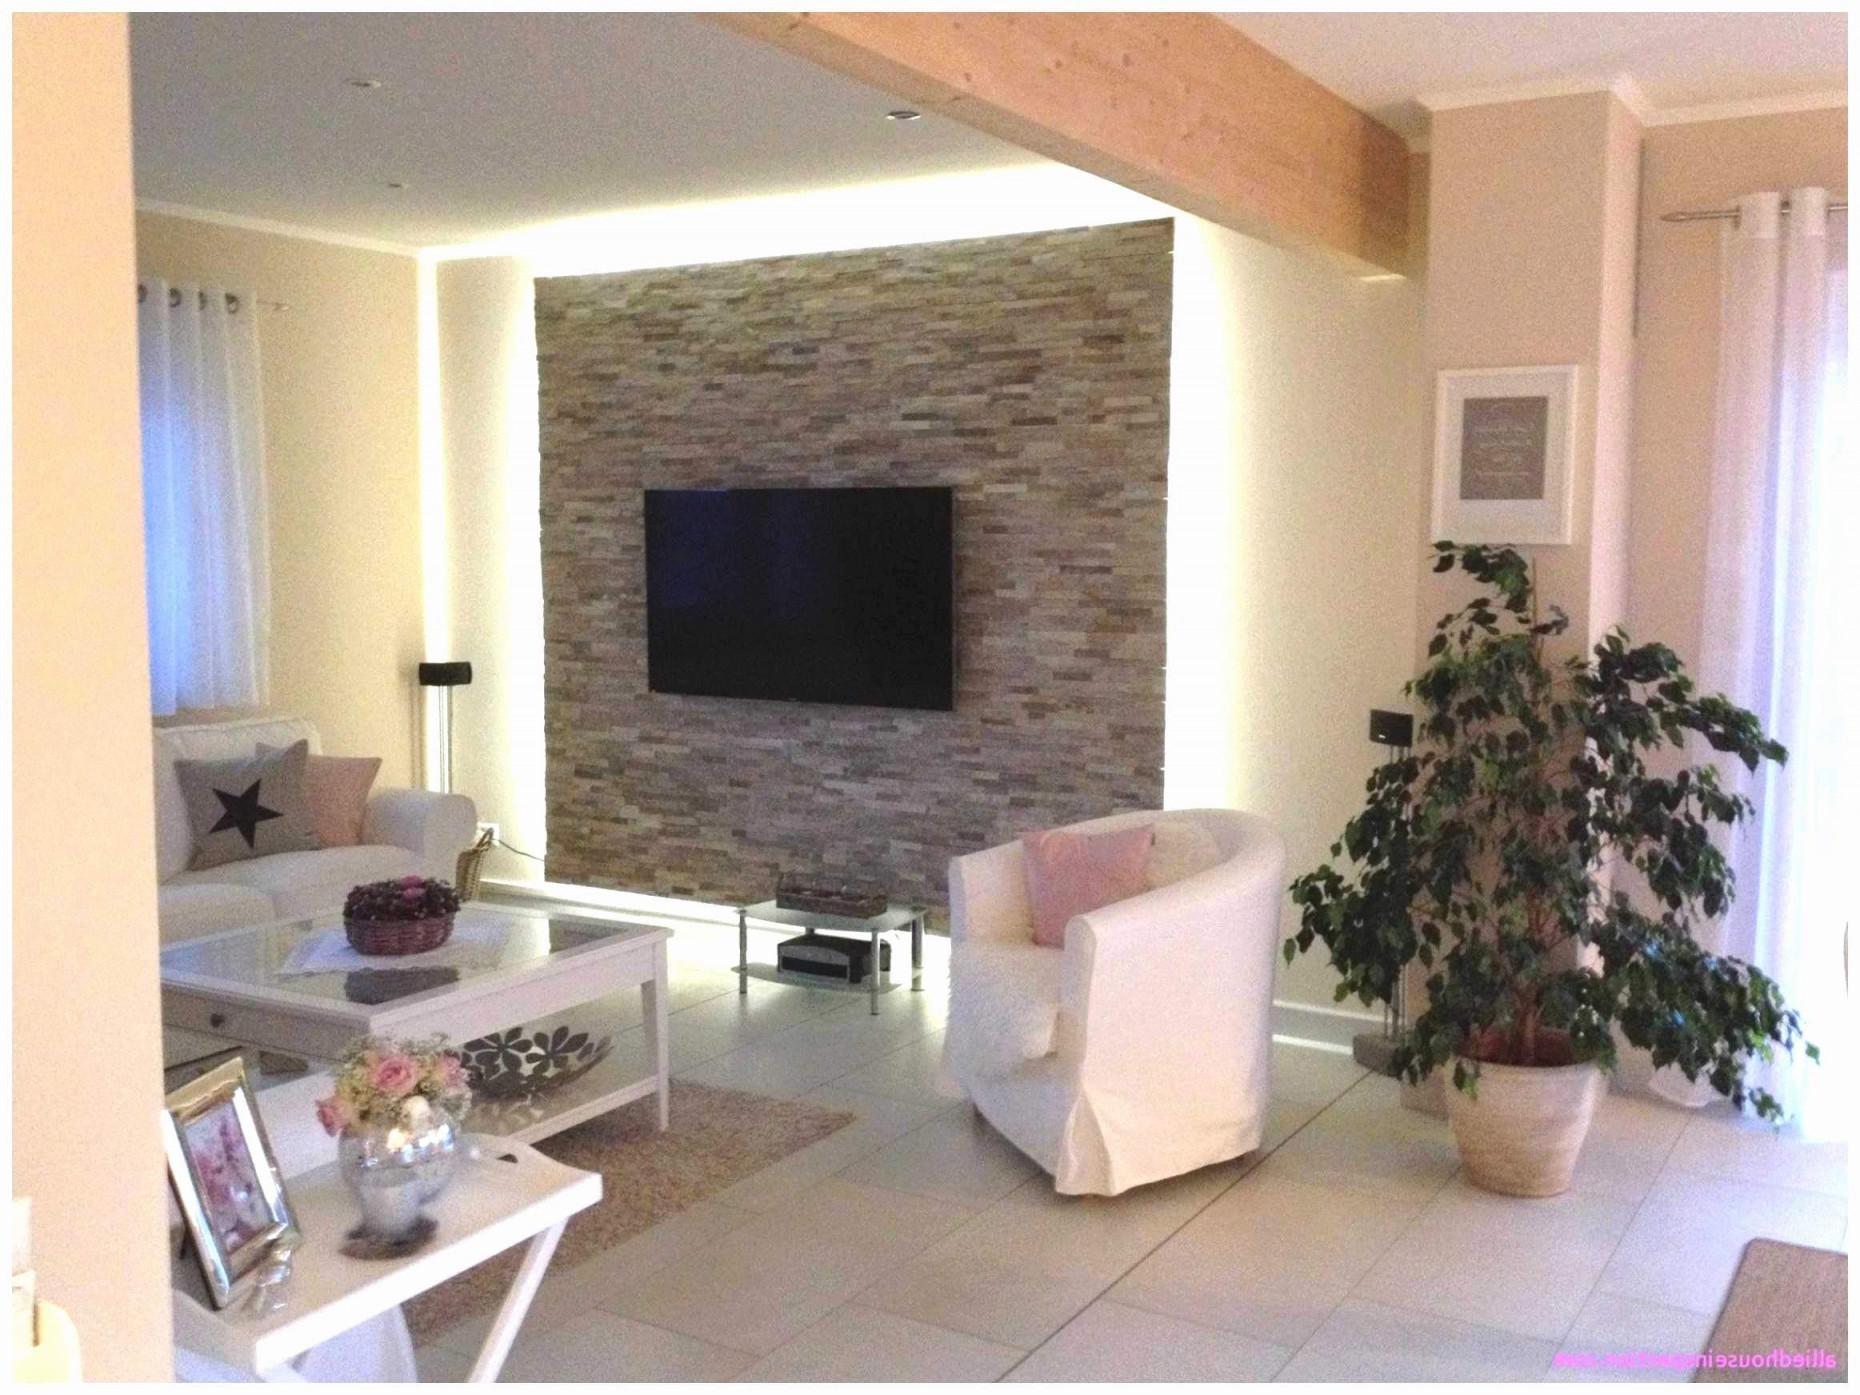 25 Elegant Wandverkleidung Stein Wohnzimmer Elegant von Wandverkleidung Ideen Wohnzimmer Bild